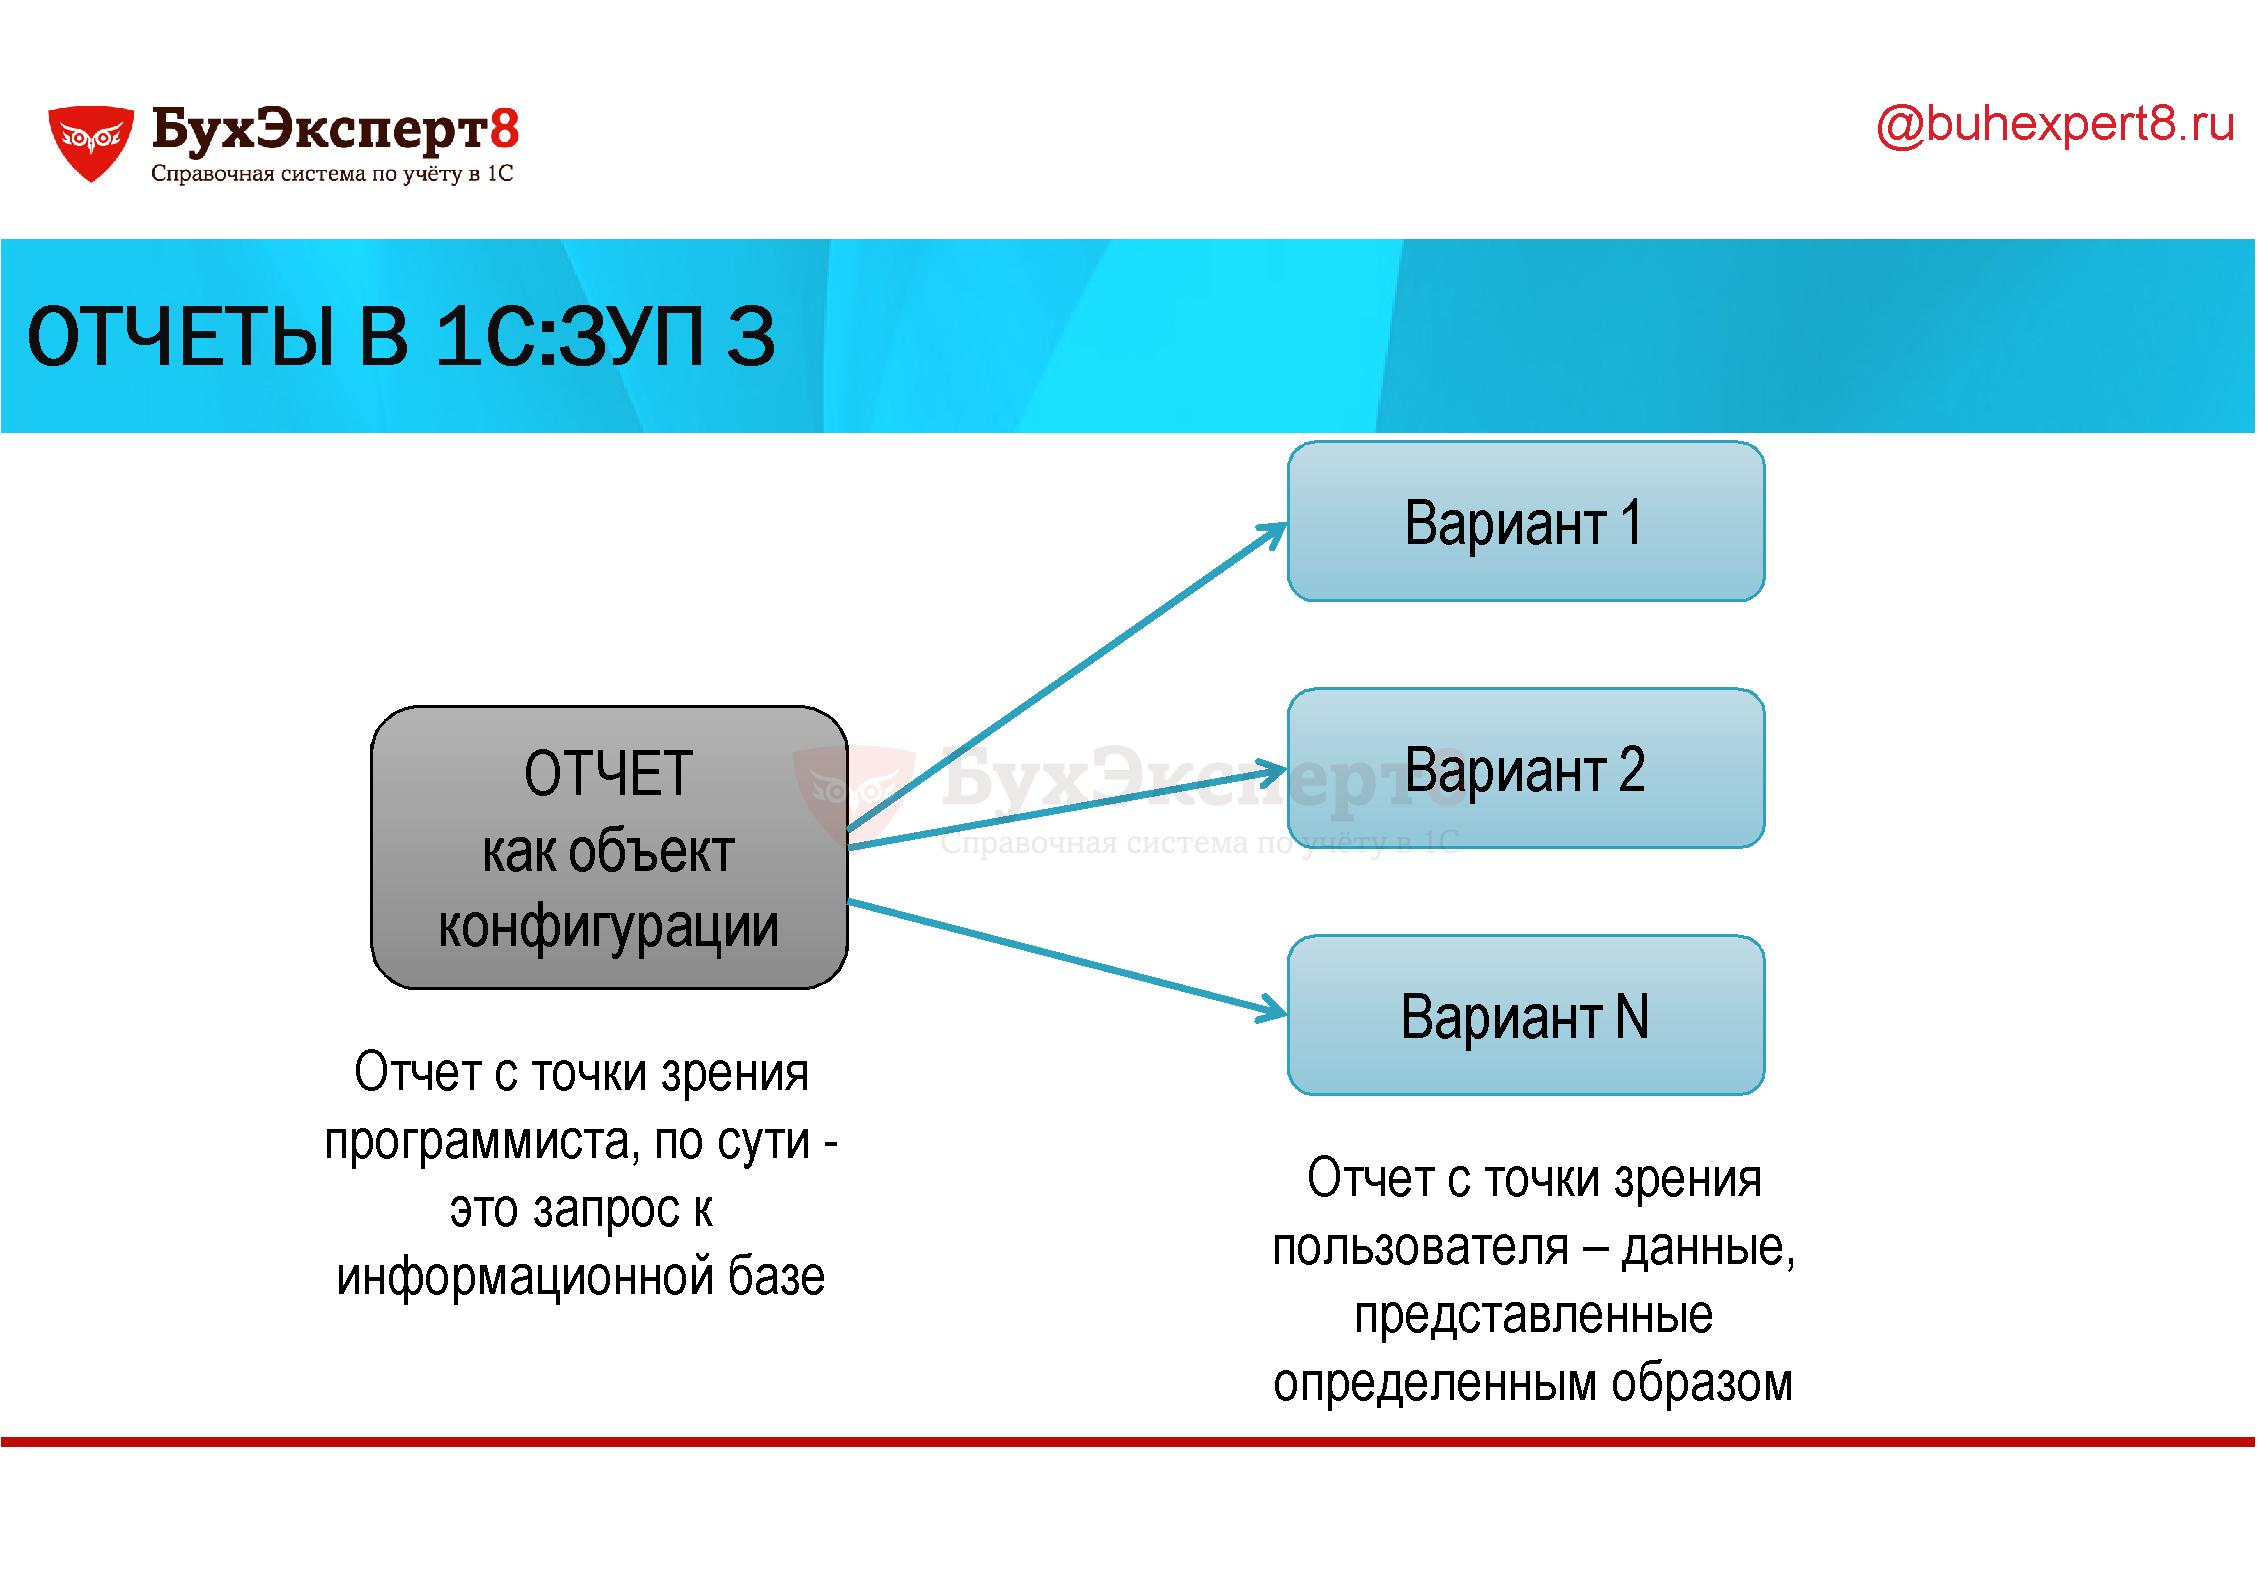 Отчеты в 1С:ЗУП 3 ОТЧЕТ как объект конфигурации Отчет с точки зрения программиста, по сути - это запрос к информационной базе Вариант 1 Вариант 2 Вариант N Отчет с точки зрения пользователя – данные, представленные определенным образом